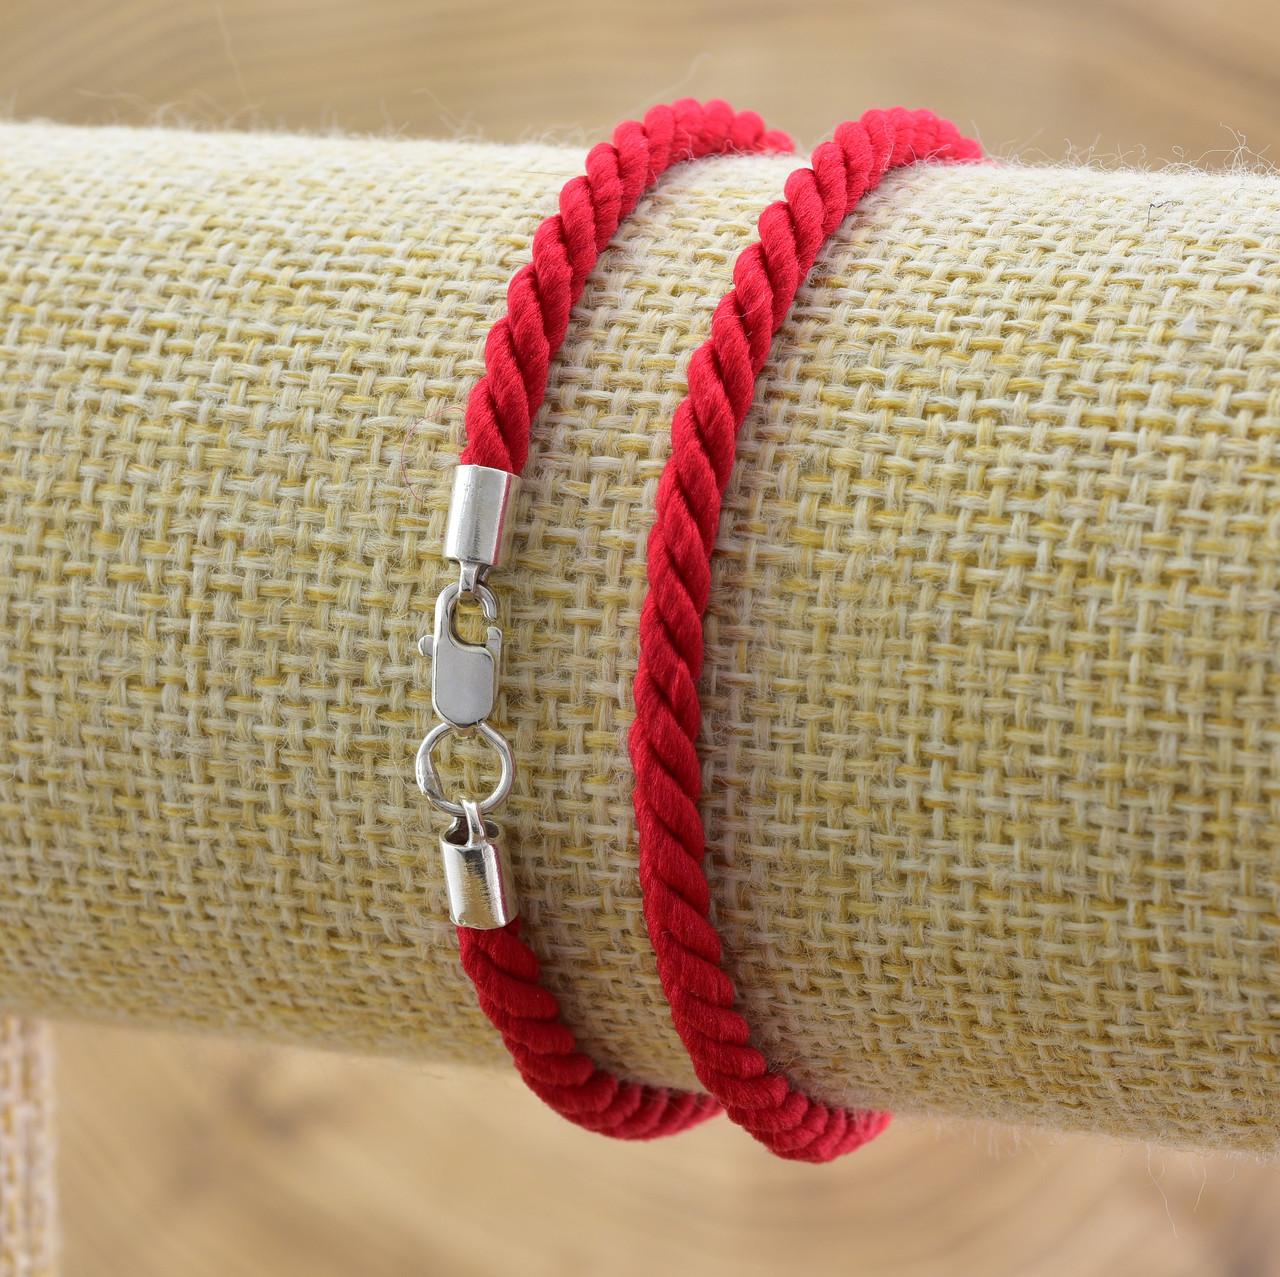 Шнурок плетённый шелковый цвет красный длина 60 см ширина 3 мм вес серебра 0.95 г